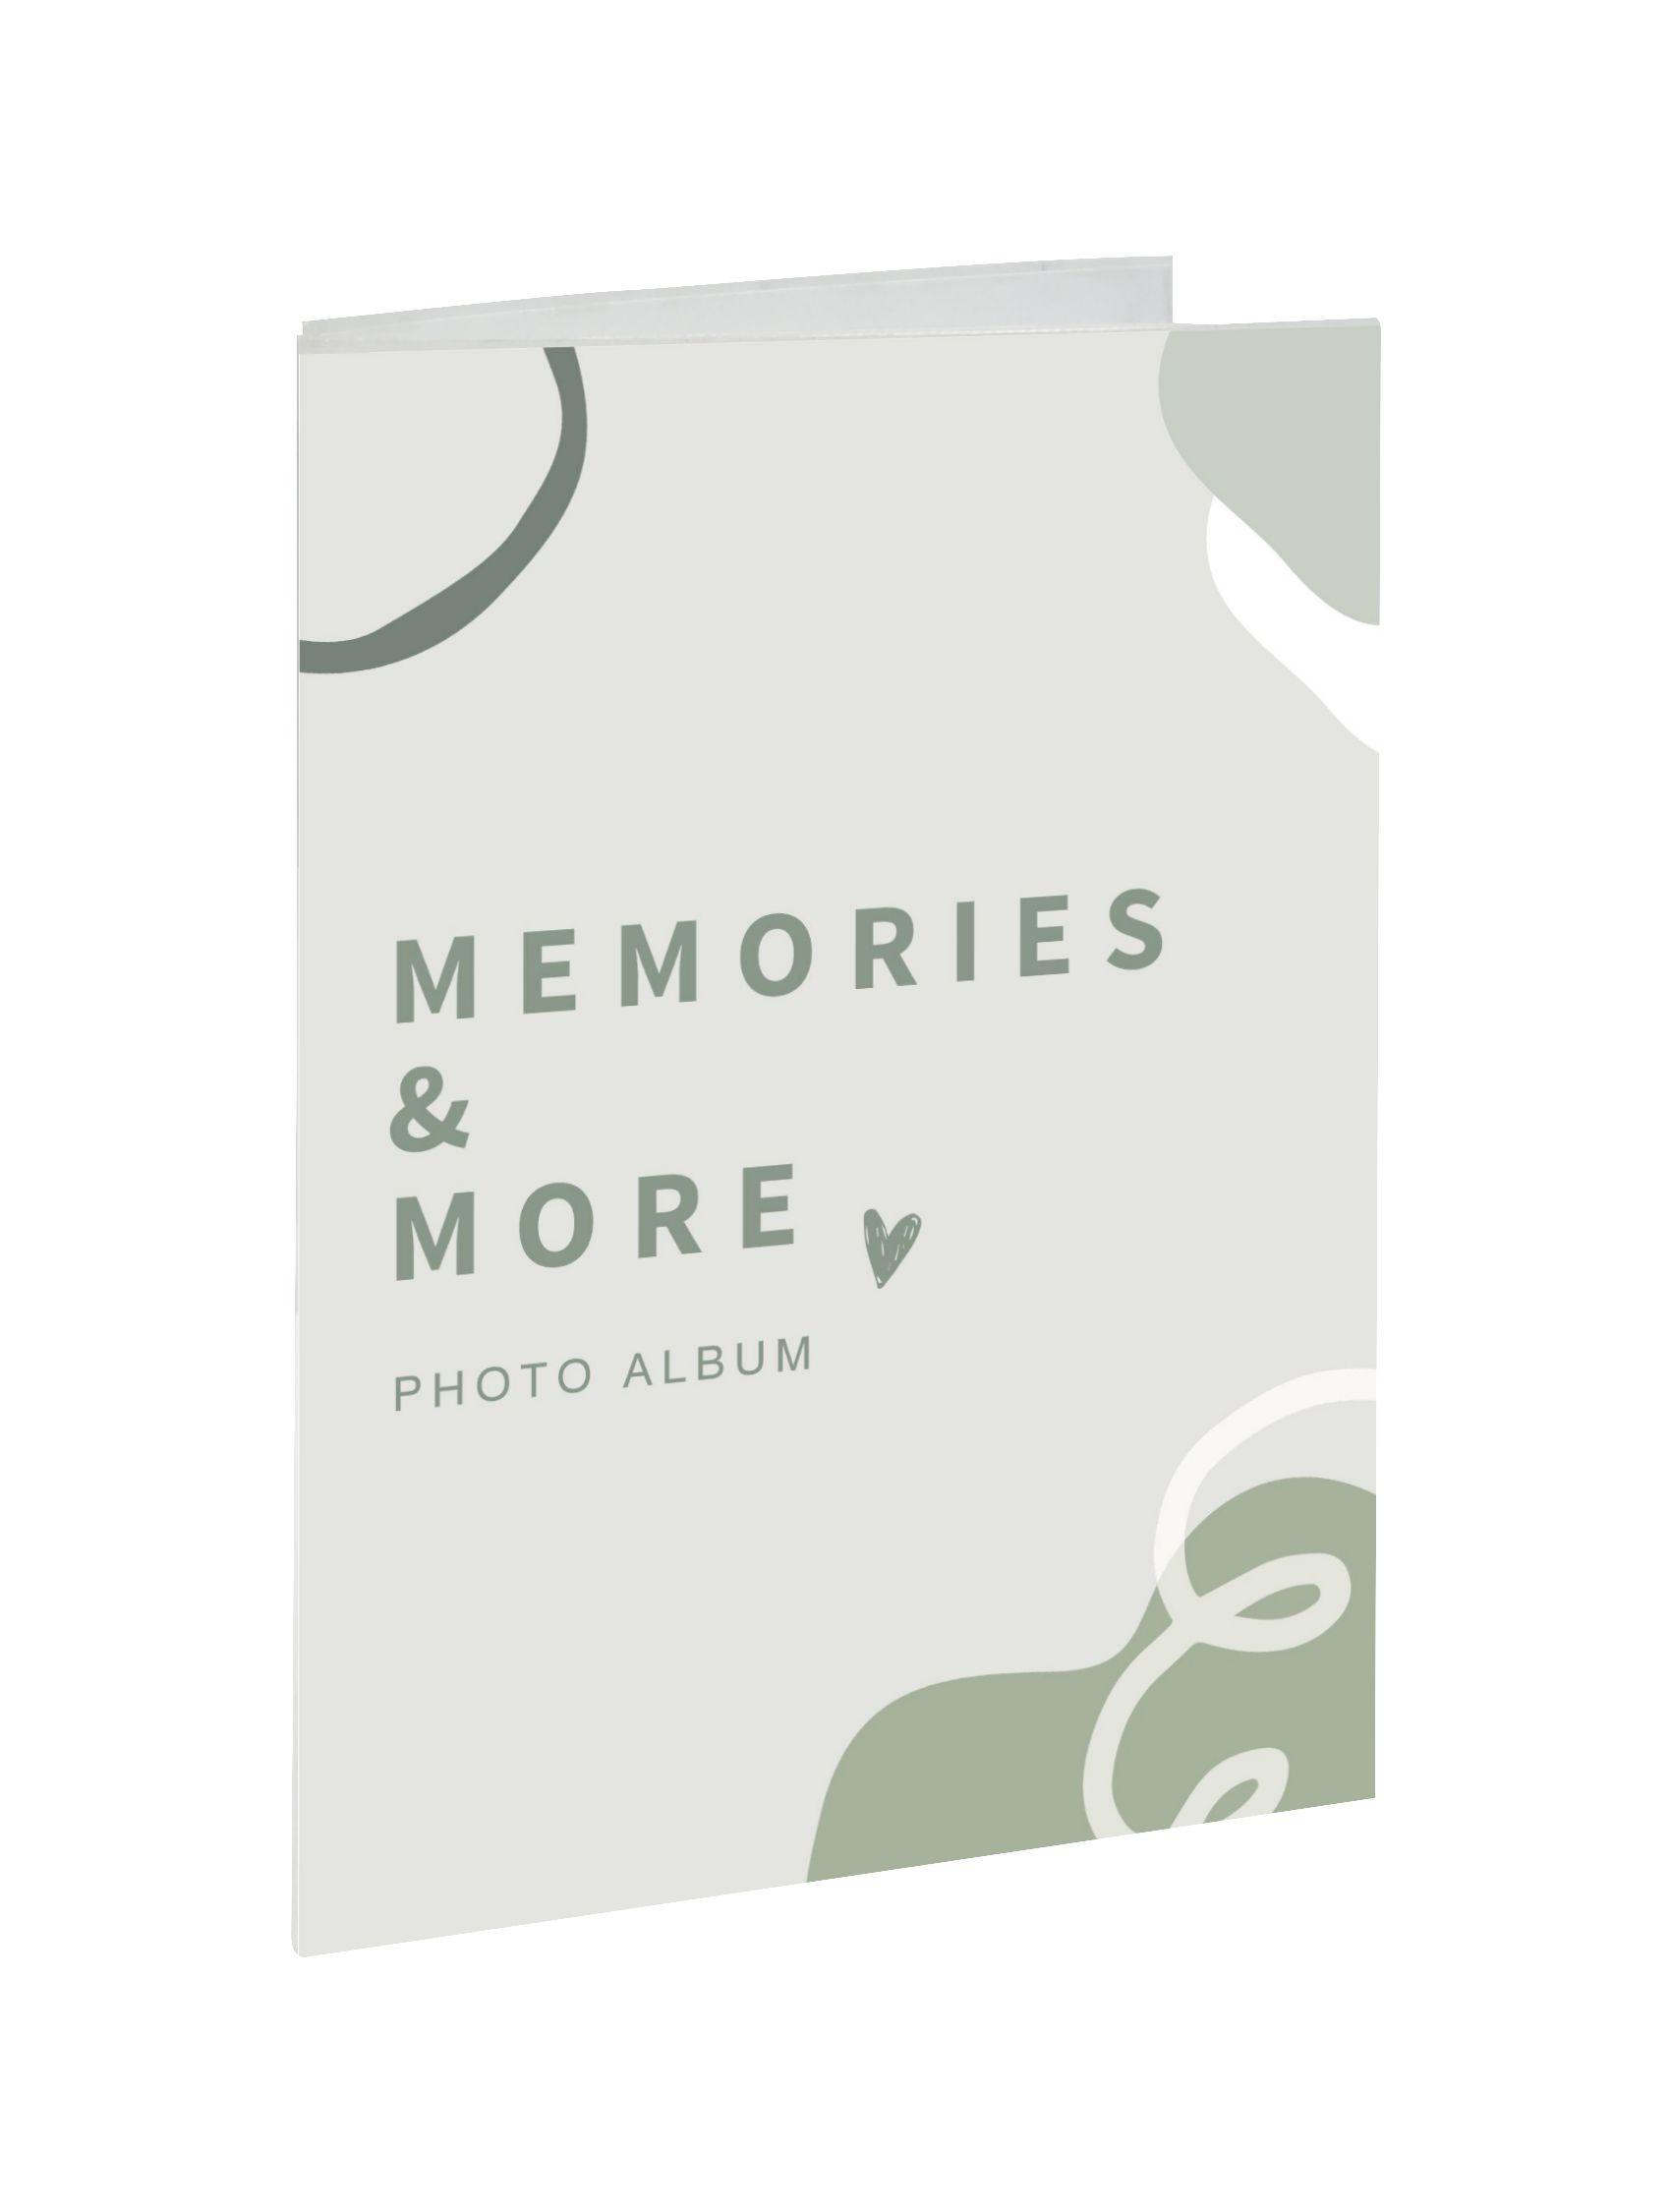 Slip-in fotoalbum, met display, mix van 2 kleuren, voor 36 foto's 10x15cm A50G90 36PH